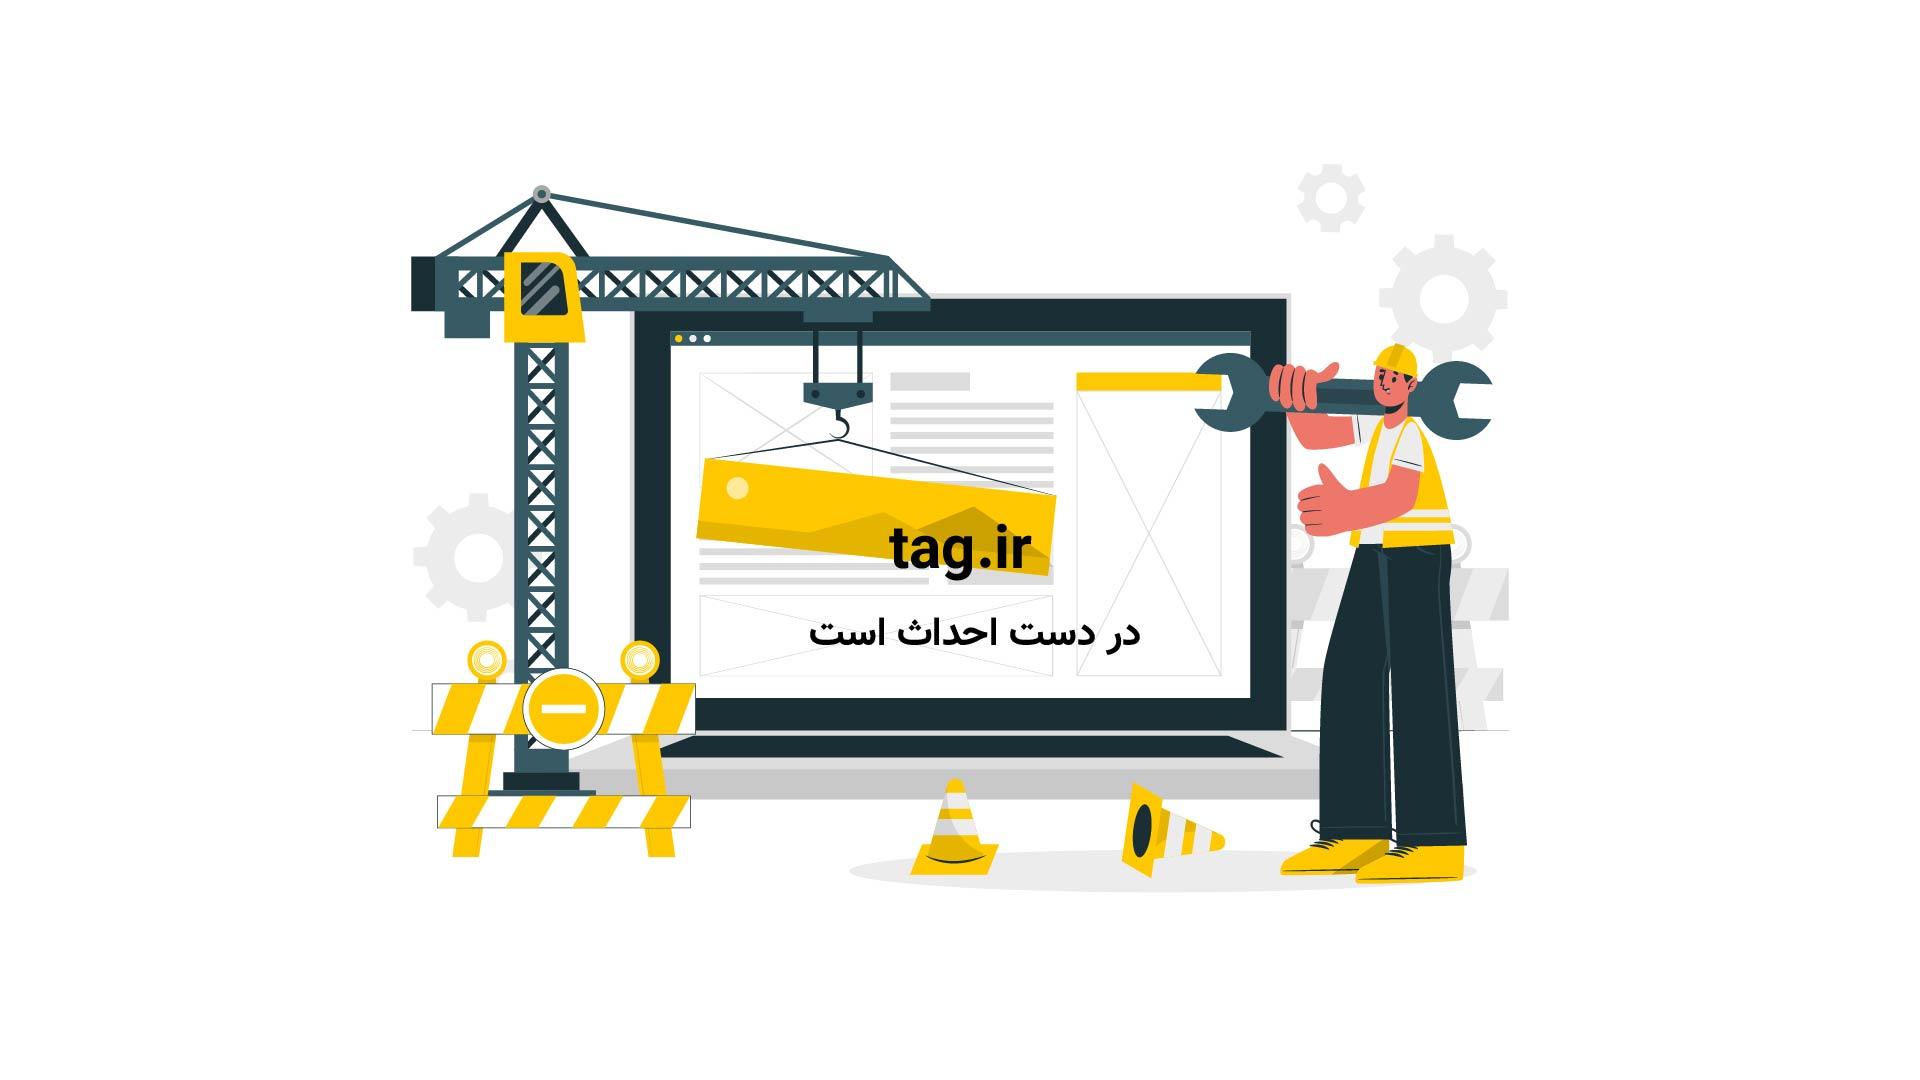 مراسم آغاز سال تحصیلی ۹۹-۹۸ با حضور رئیس جمهور در مدرسه دخترانه شاهد حضرت خدیجه (س) | فیلم